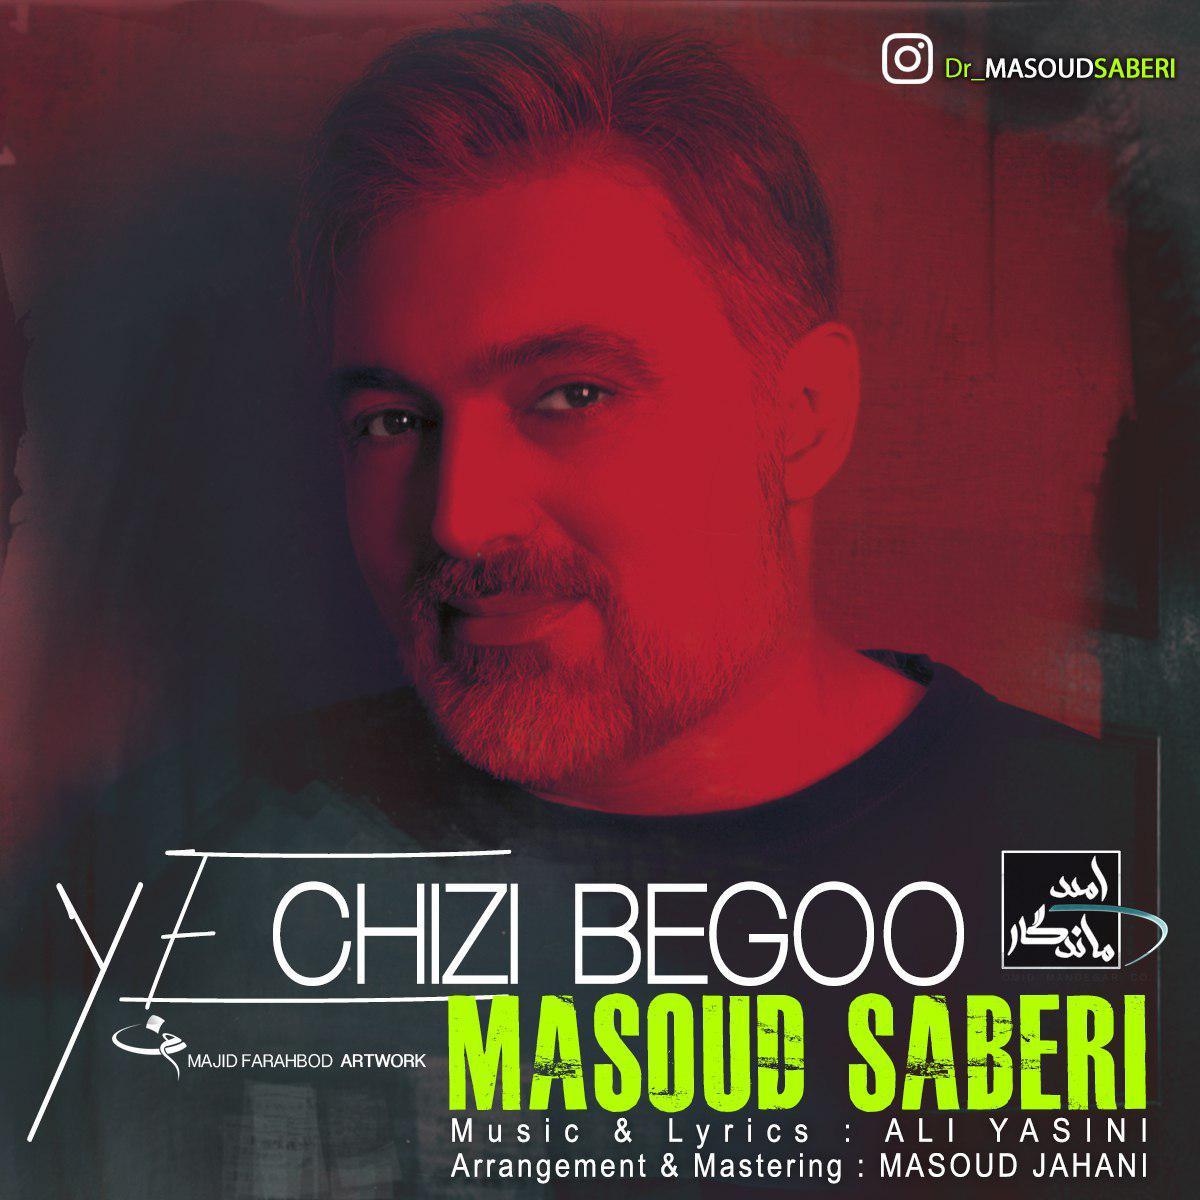 Masoud Saberi – Ye Chizi Begoo